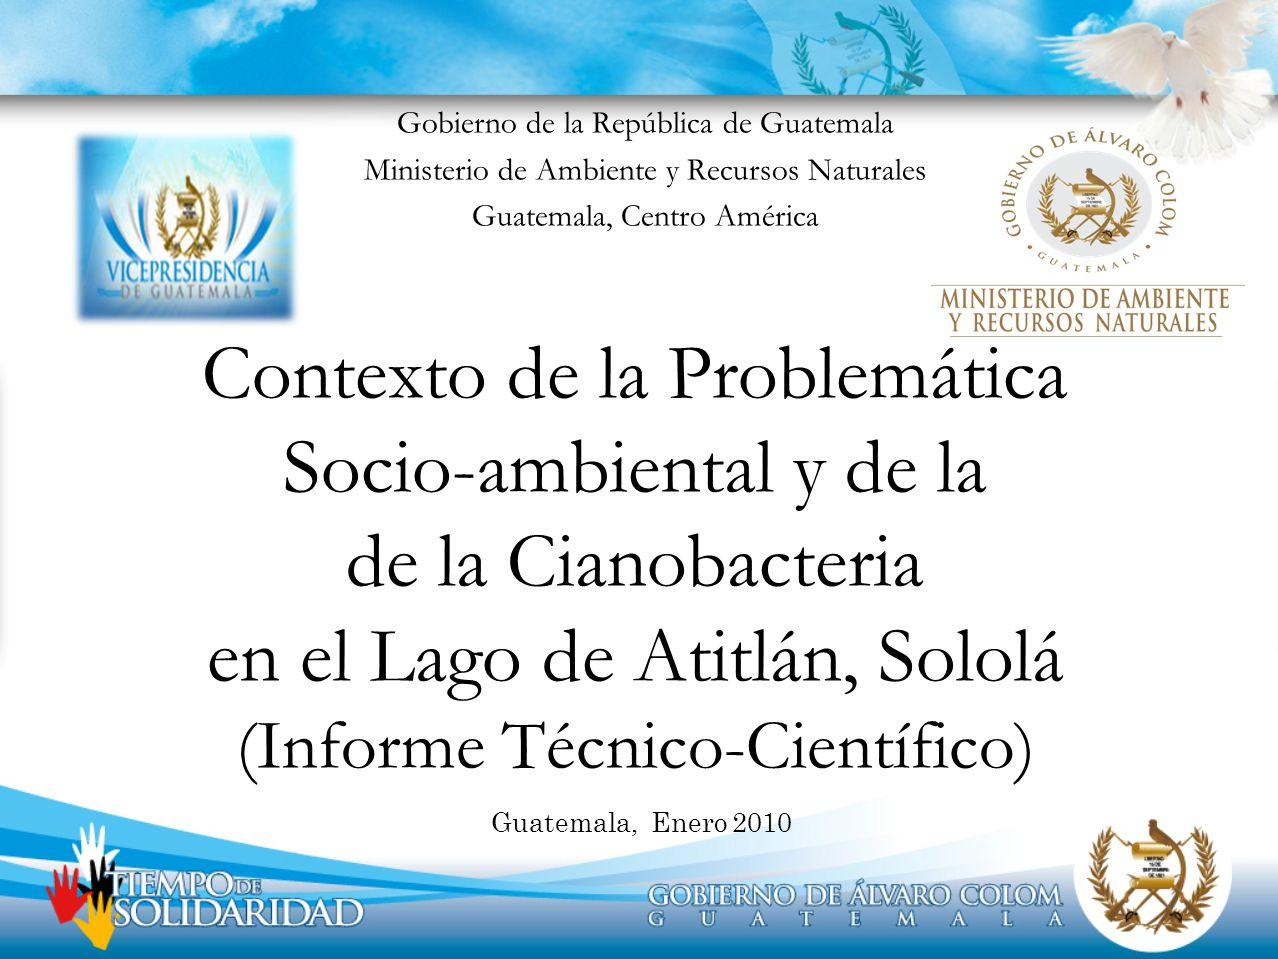 El fenómeno de la Cianobacteria en la Reserva de Uso Múltiple de la Cuenca del Lago de Atitlán, desnudó la situación de empobrecimiento socio-ambiental histórico en uno de los territorios con mayor potencial económico del país.